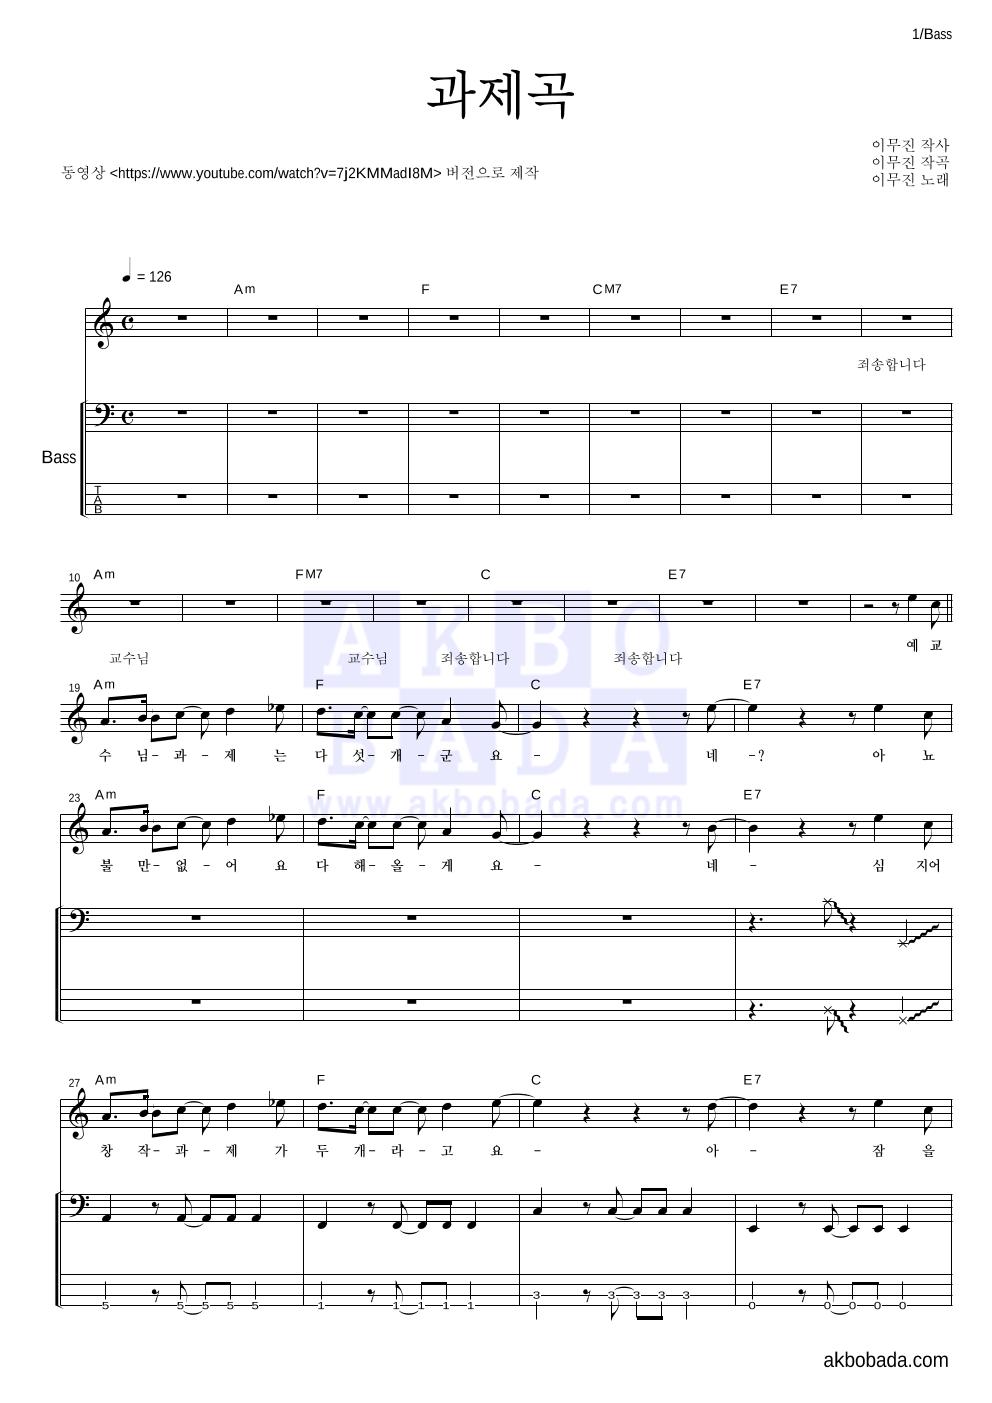 이무진 - 과제곡 베이스 악보